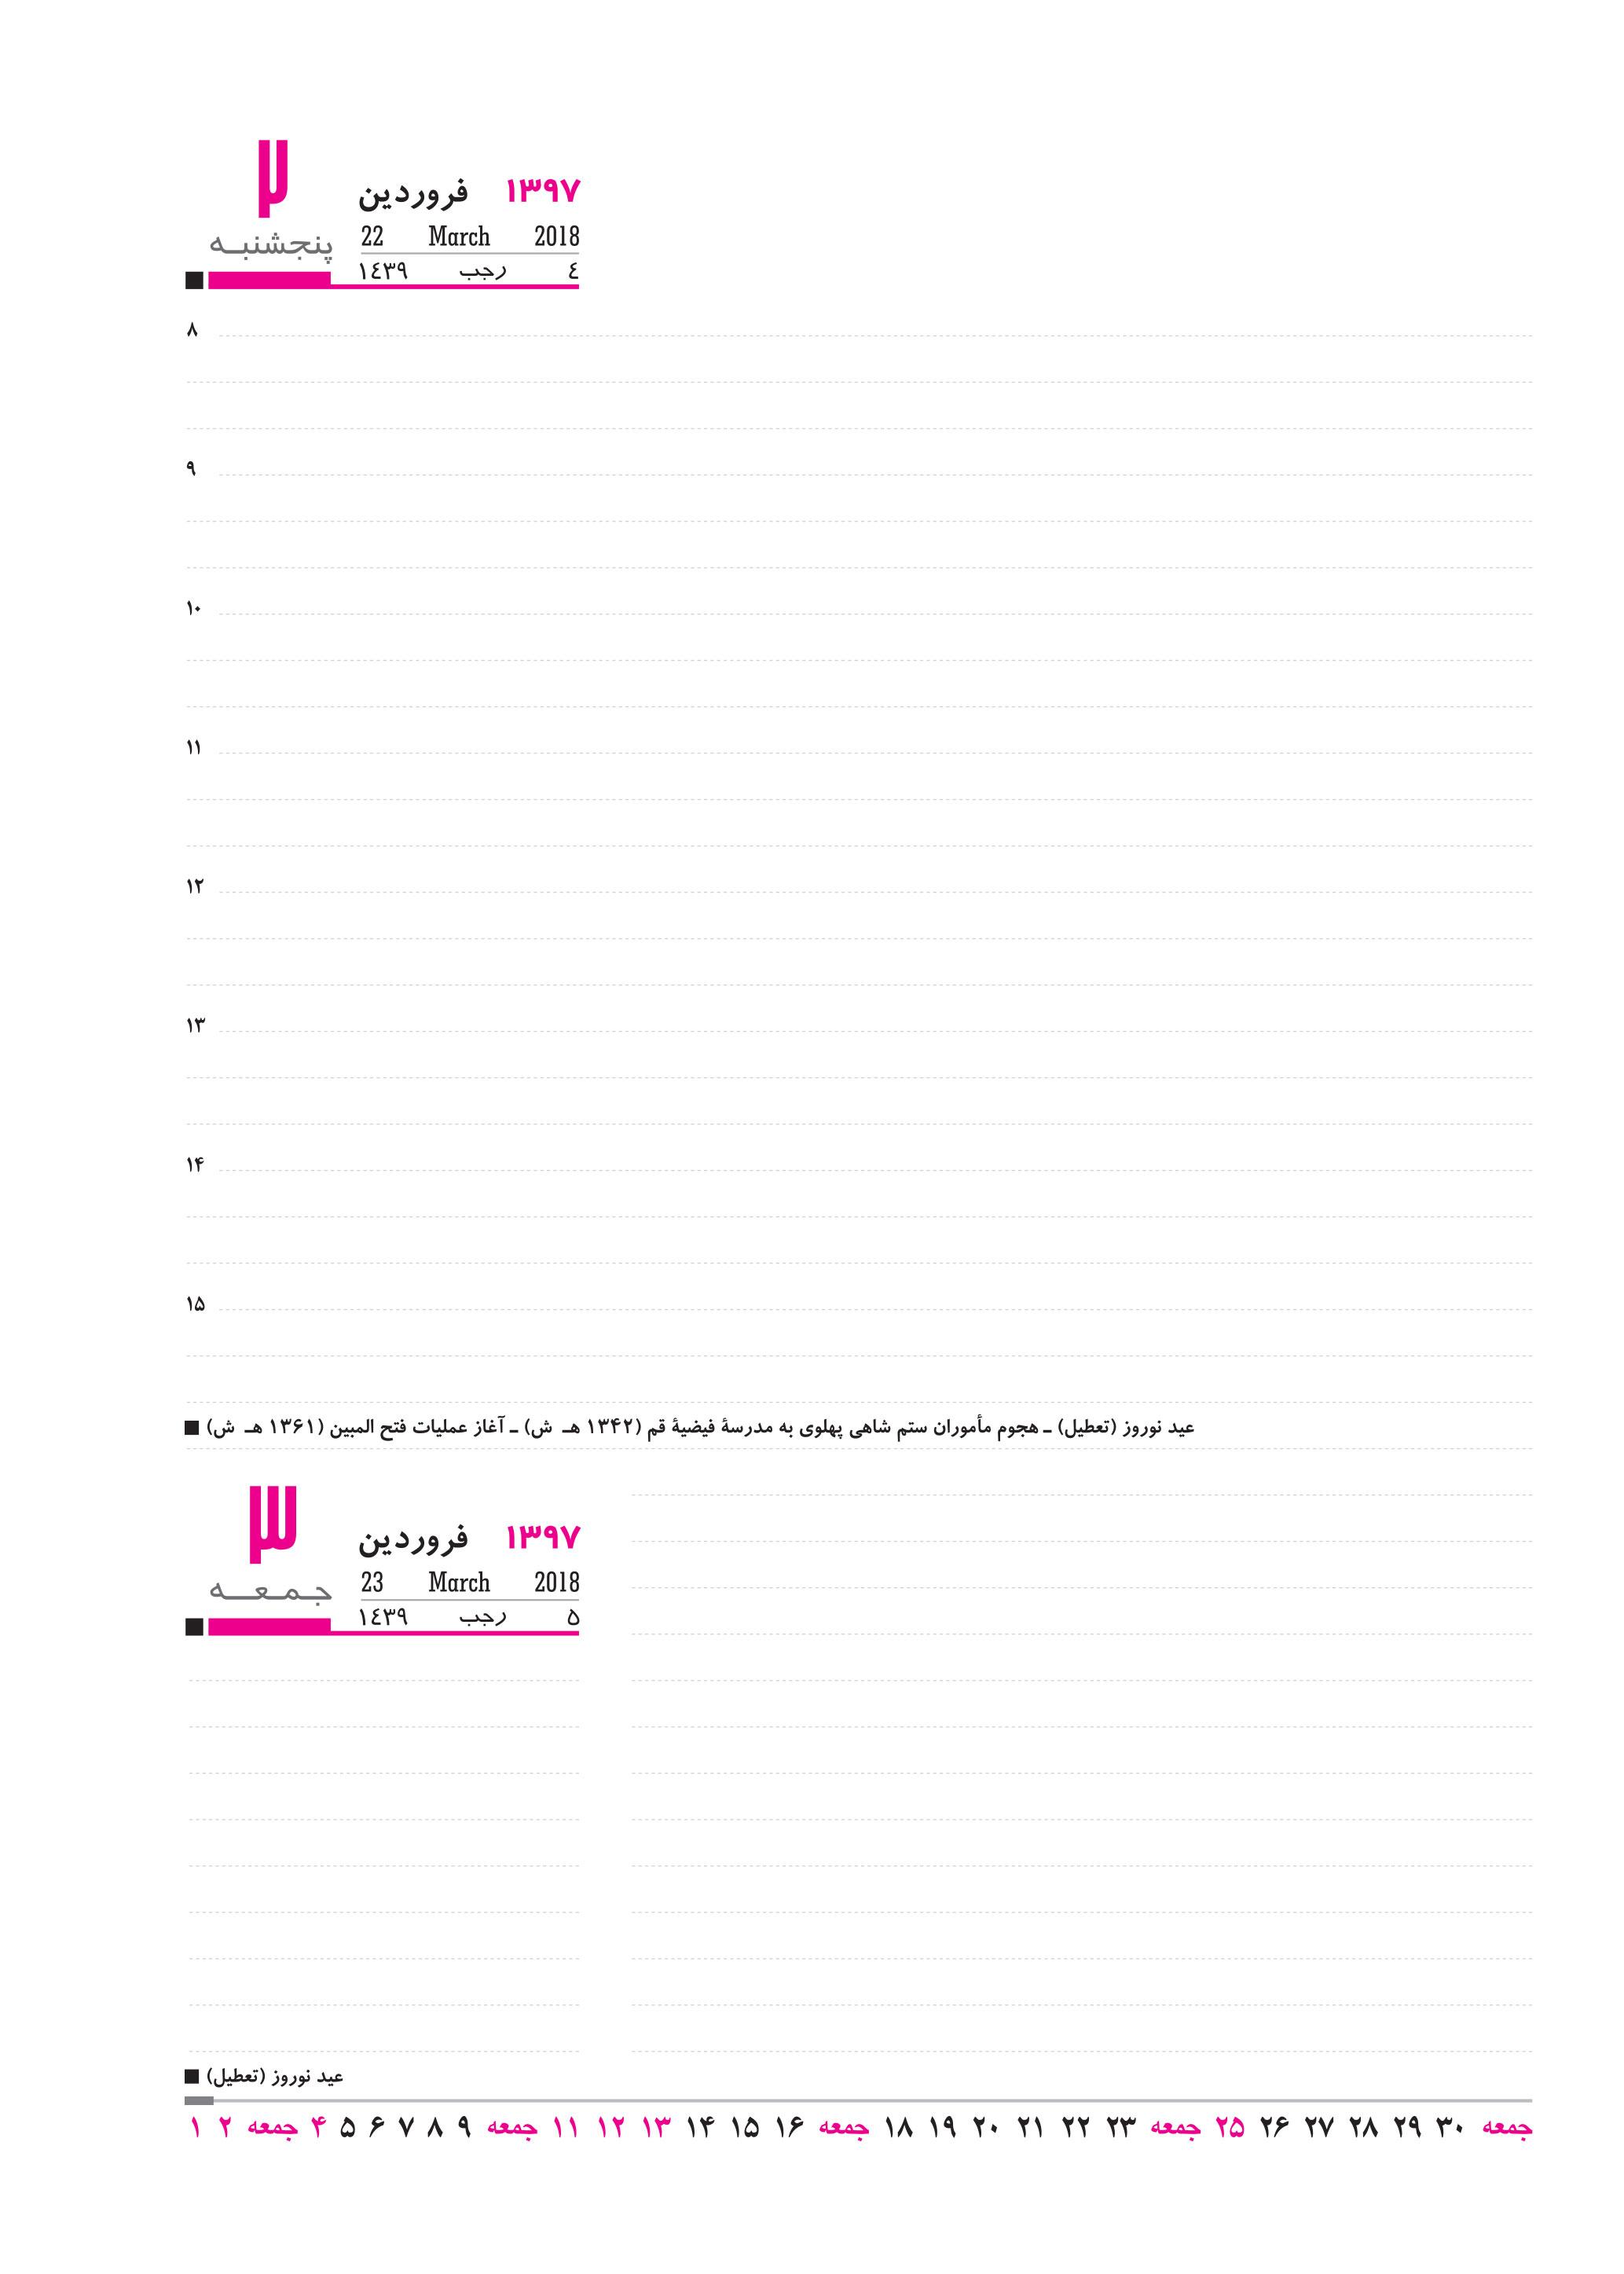 فایل لایه باز سررسید 1397 وزیری ، یک روز در یک صفحه ، جمعه مشترک